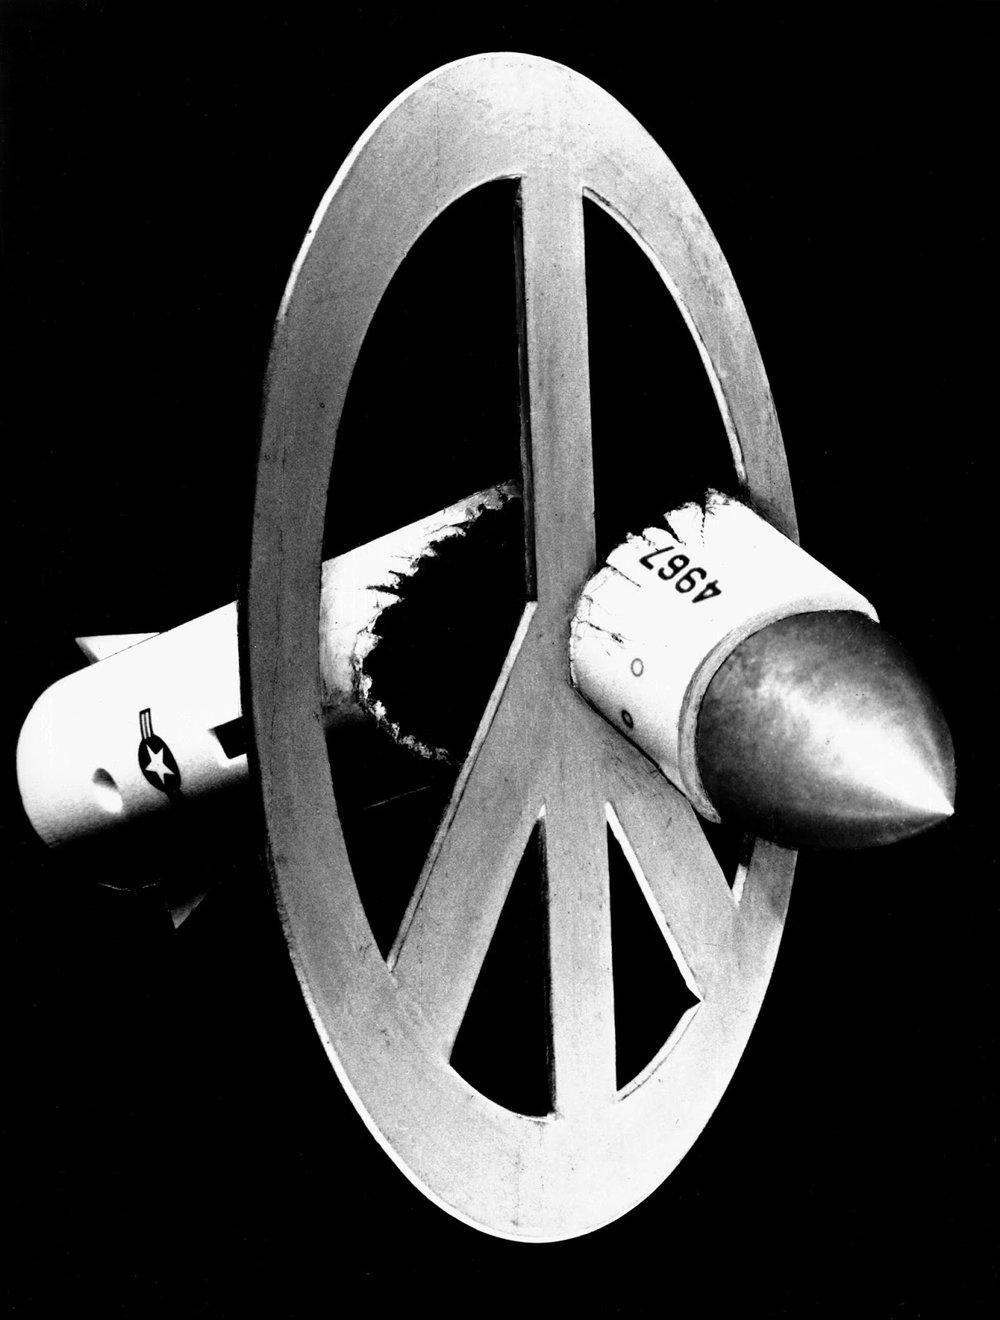 Broken Missile, 1980